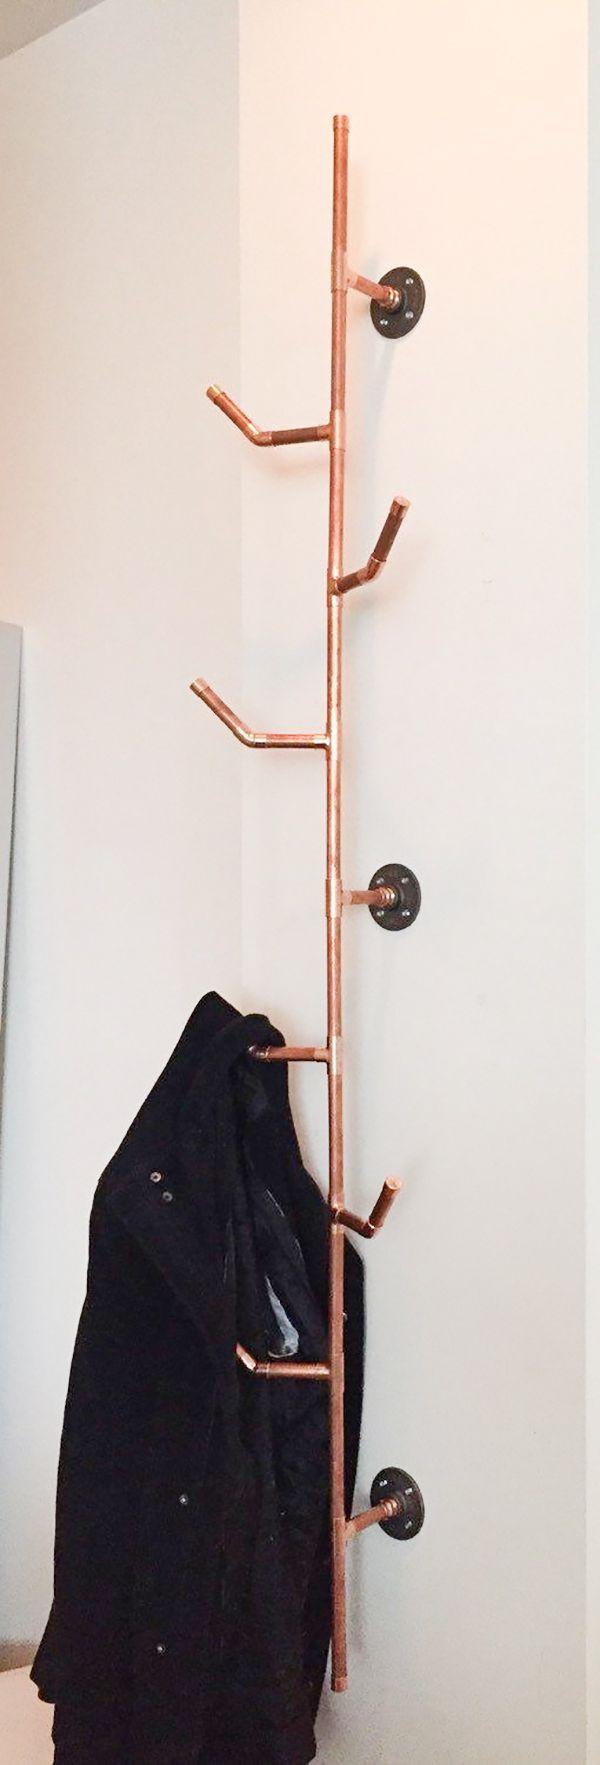 Decoração, Canos de cobre, Decoração com canos de cobre